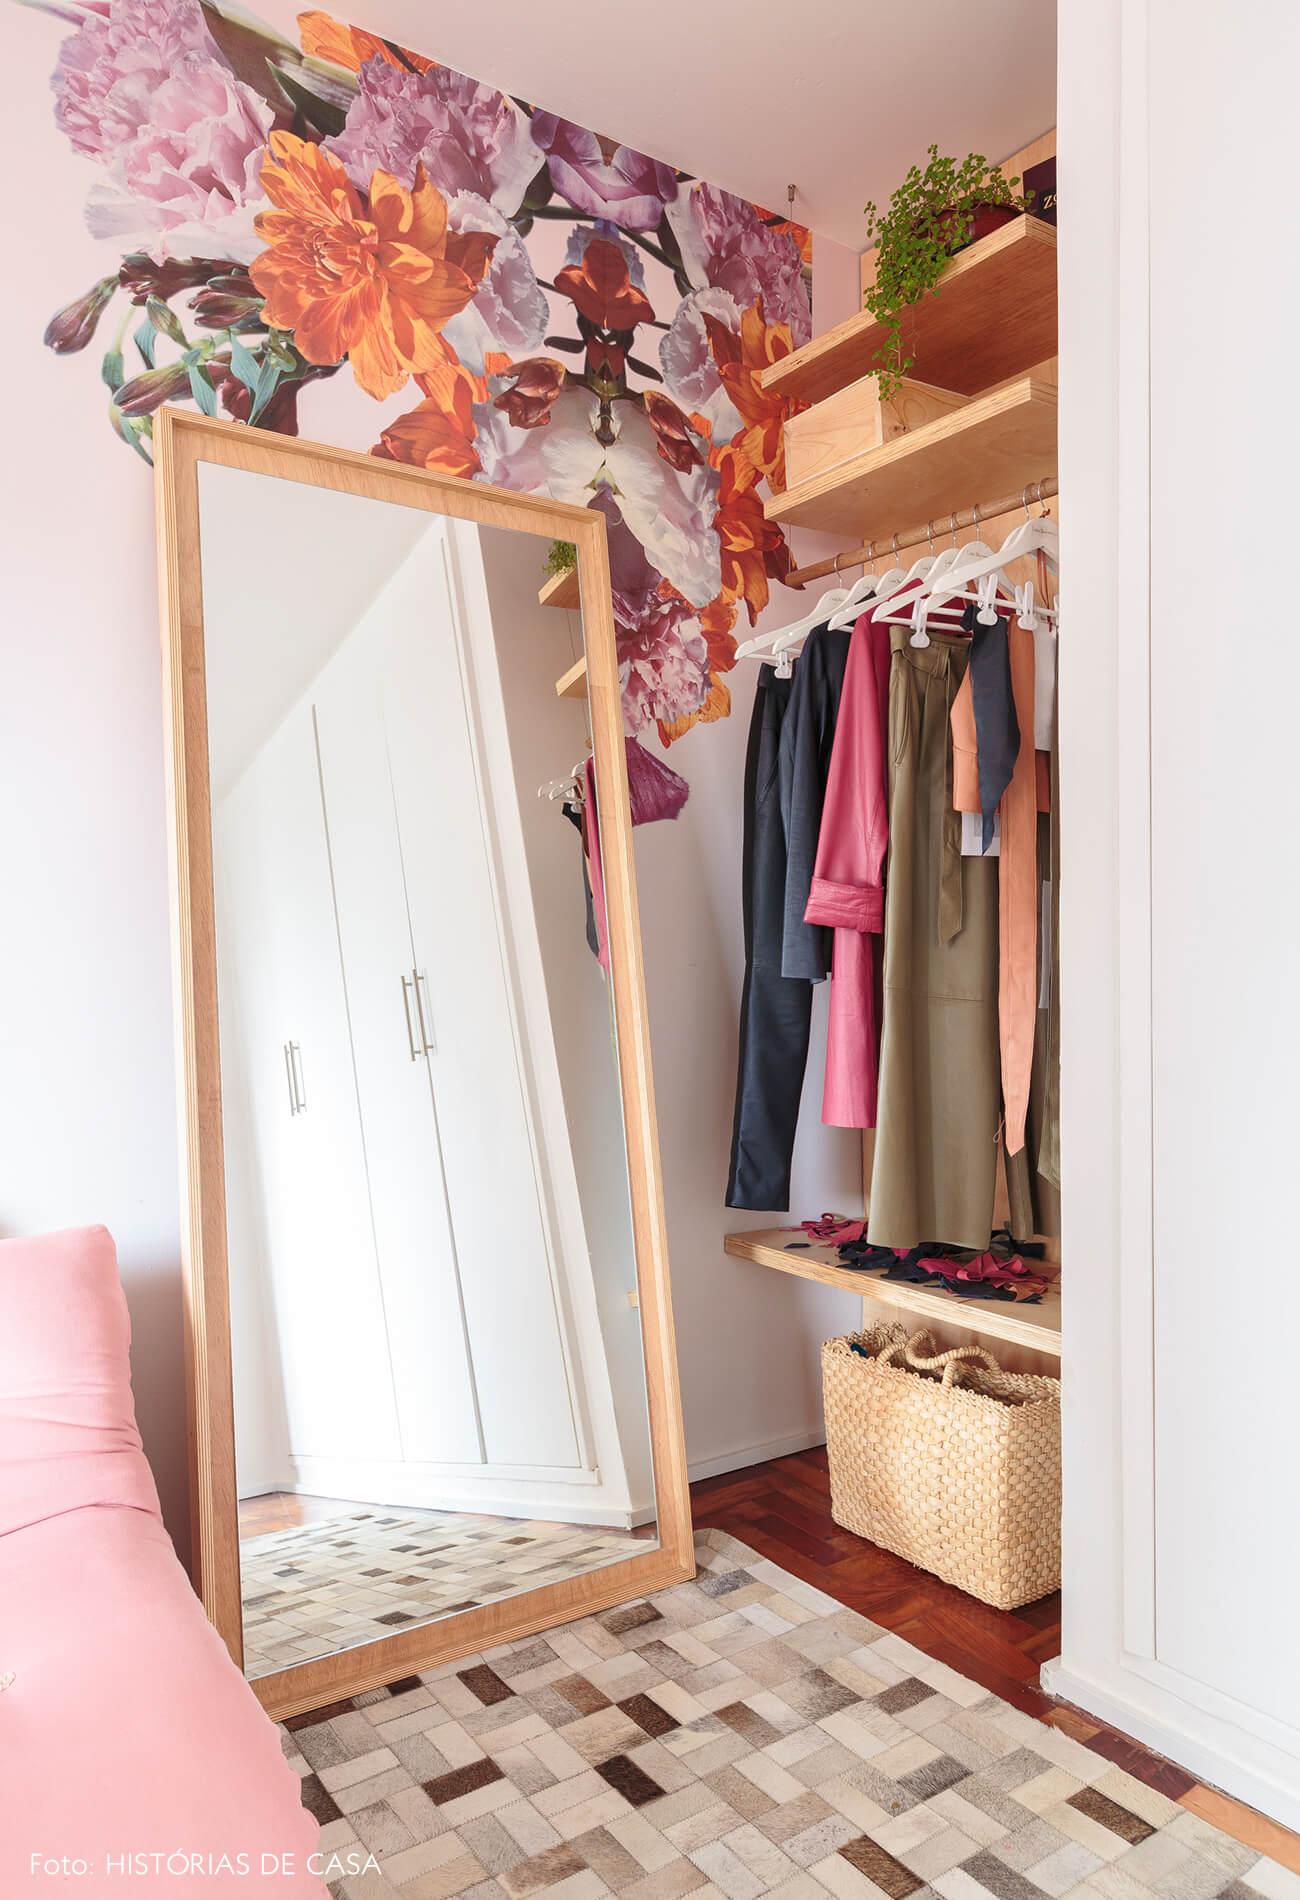 home-office-atelie-papel-de-parede-flores-rosa-espelho-moldura-madeira-clara-tapete-armarios-brancos-sofa-rosa